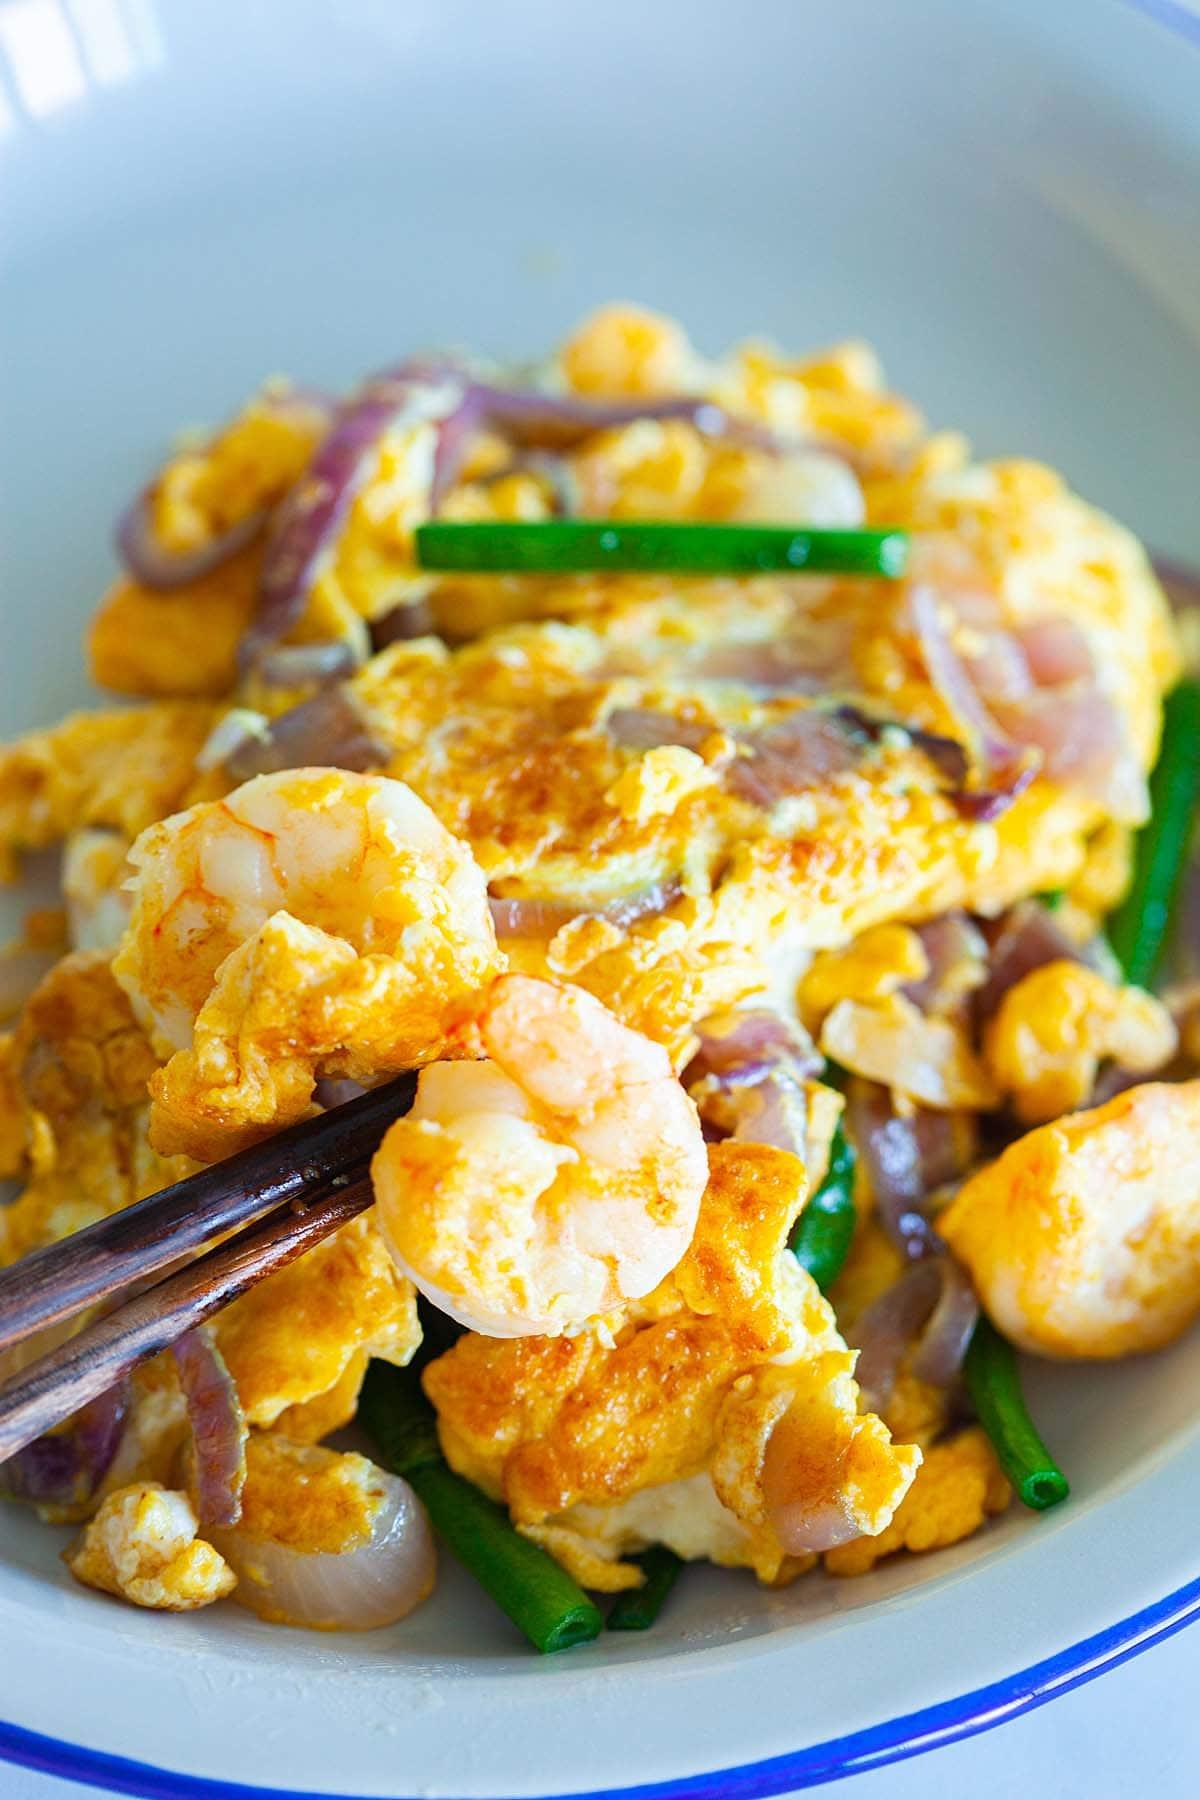 Shrimp omelette on a plate.